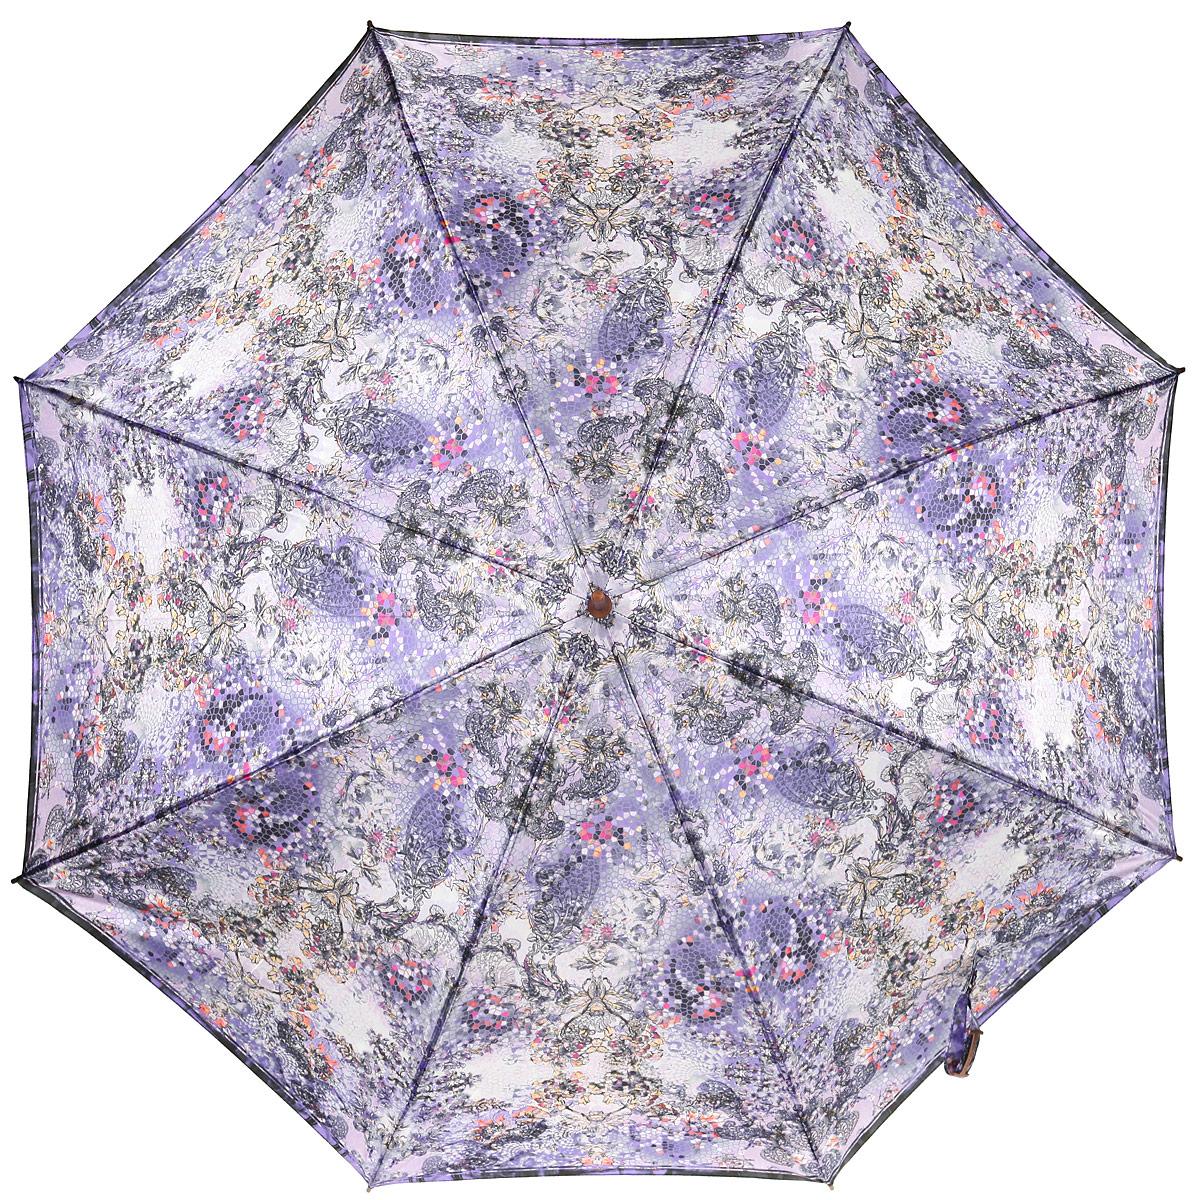 Зонт-трость женский Eleganzza, полуавтомат, цвет: лиловый. T-06-0275T-06-0275Яркий зонт-трость Eleganzza оформлен оригинальным принтом, а также дополнен металлической фурнитурой с символикой бренда. Каркас зонта изготовлен из стали и фибергласса, содержит восемь спиц, а также дополнен эргономичной рукояткой из акрила. Купол выполнен из полиэстера с водоотталкивающей пропиткой. Зонт имеет полуавтоматический механизм сложения: купол открывается нажатием кнопки на рукоятке, стержень и купол складываются вручную до характерного щелчка, благодаря чему открыть зонт можно одной рукой, что чрезвычайно удобно при выходе из транспорта или помещения. Практичный аксессуар даже в ненастную погоду позволит вам оставаться стильной и элегантной.